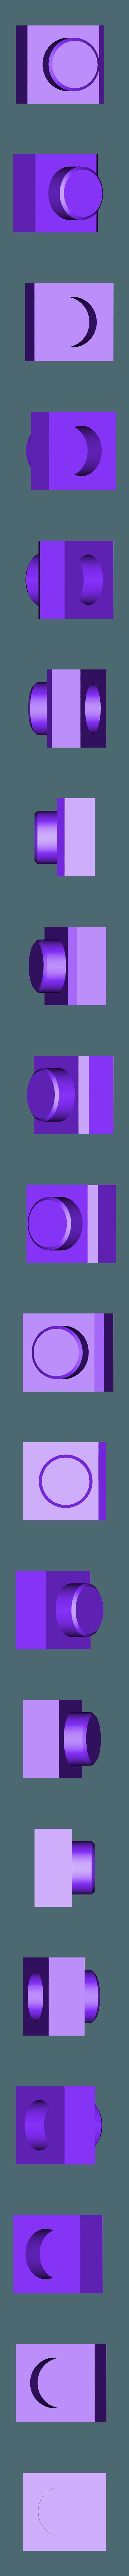 Extruder_Spring_Washer_v1-1_5mm.STL Télécharger fichier STL gratuit Monture Nautilus (RigidBot E3D v6) • Objet pour impression 3D, WalterHsiao